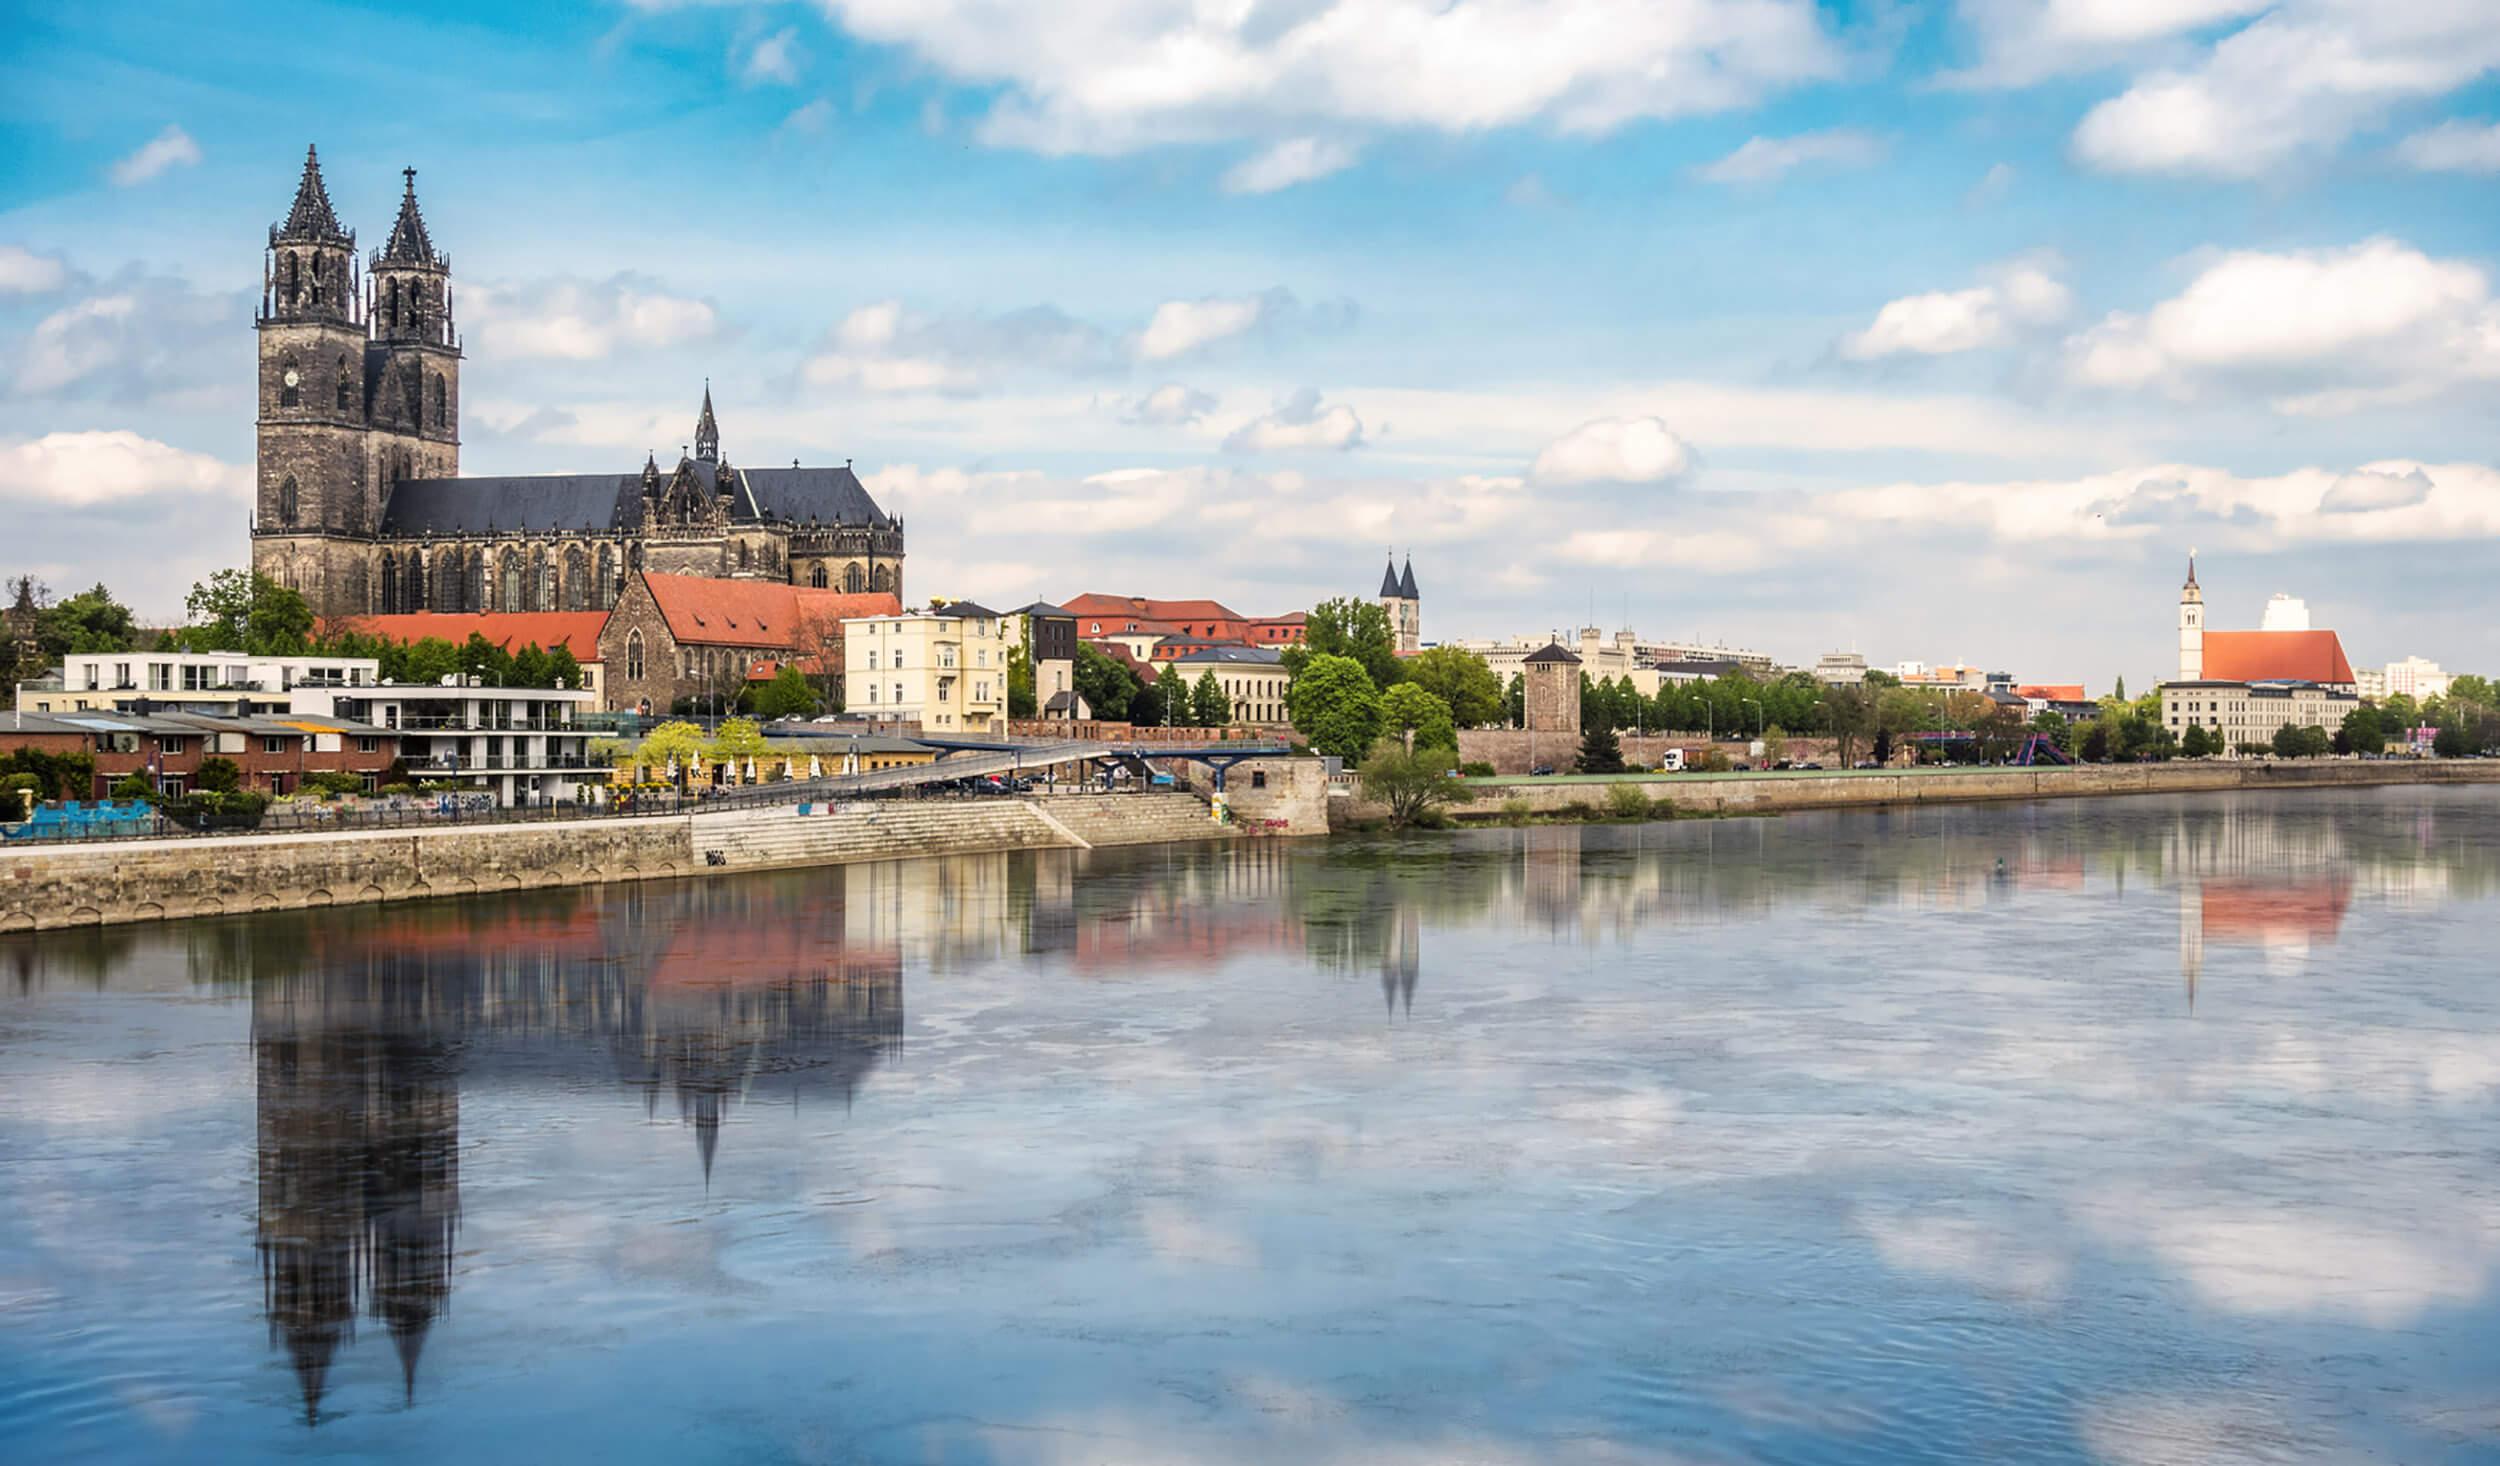 Mit unserem Urlaub Spezial nach Magdeburg! Als Mitglied der GBS finden Sie deutschlandweit preiswerte Unterkünfte.